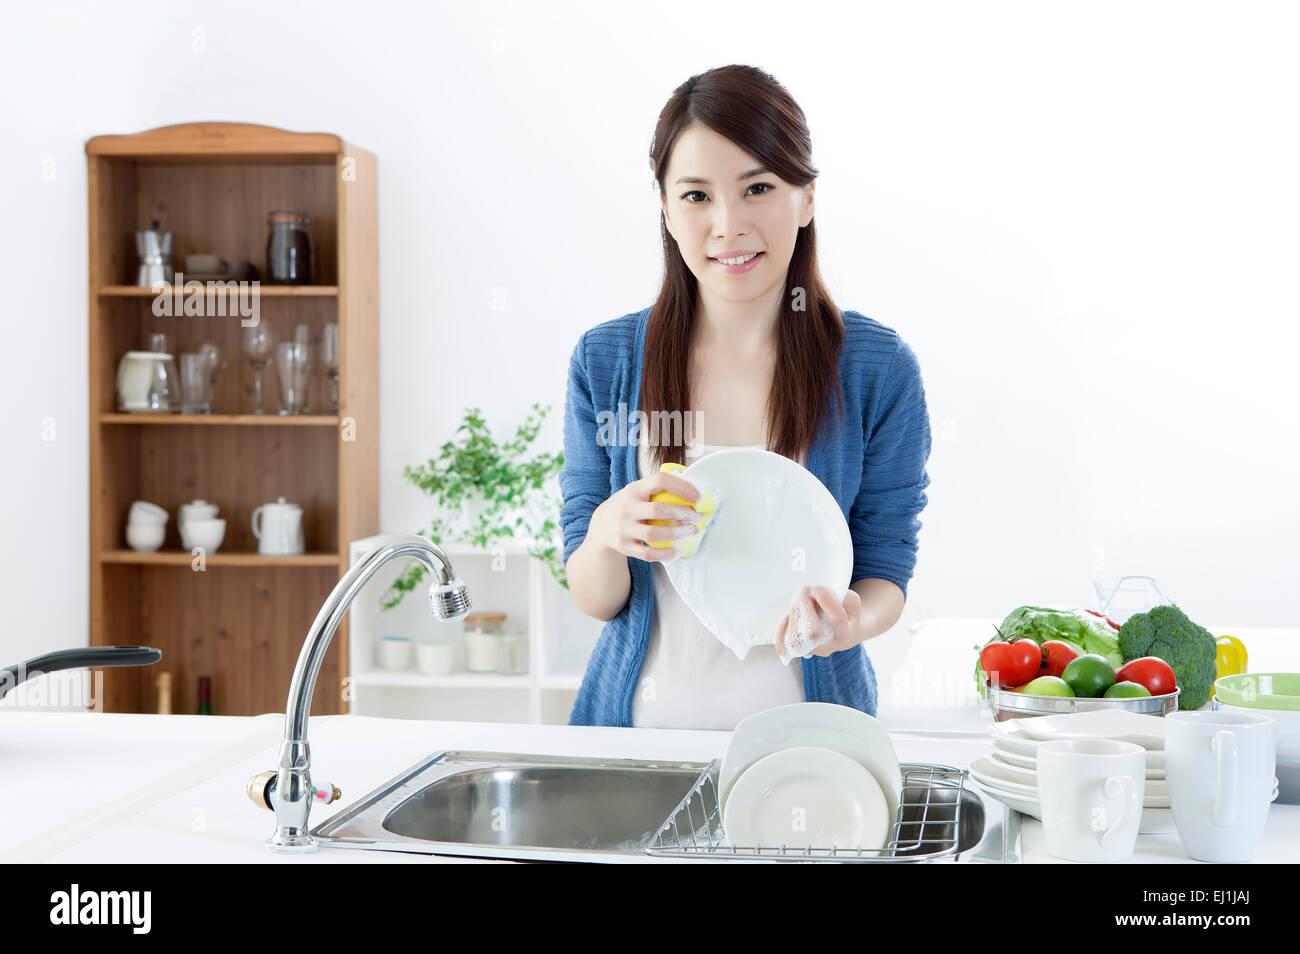 Female orgasm on a kitchen sink